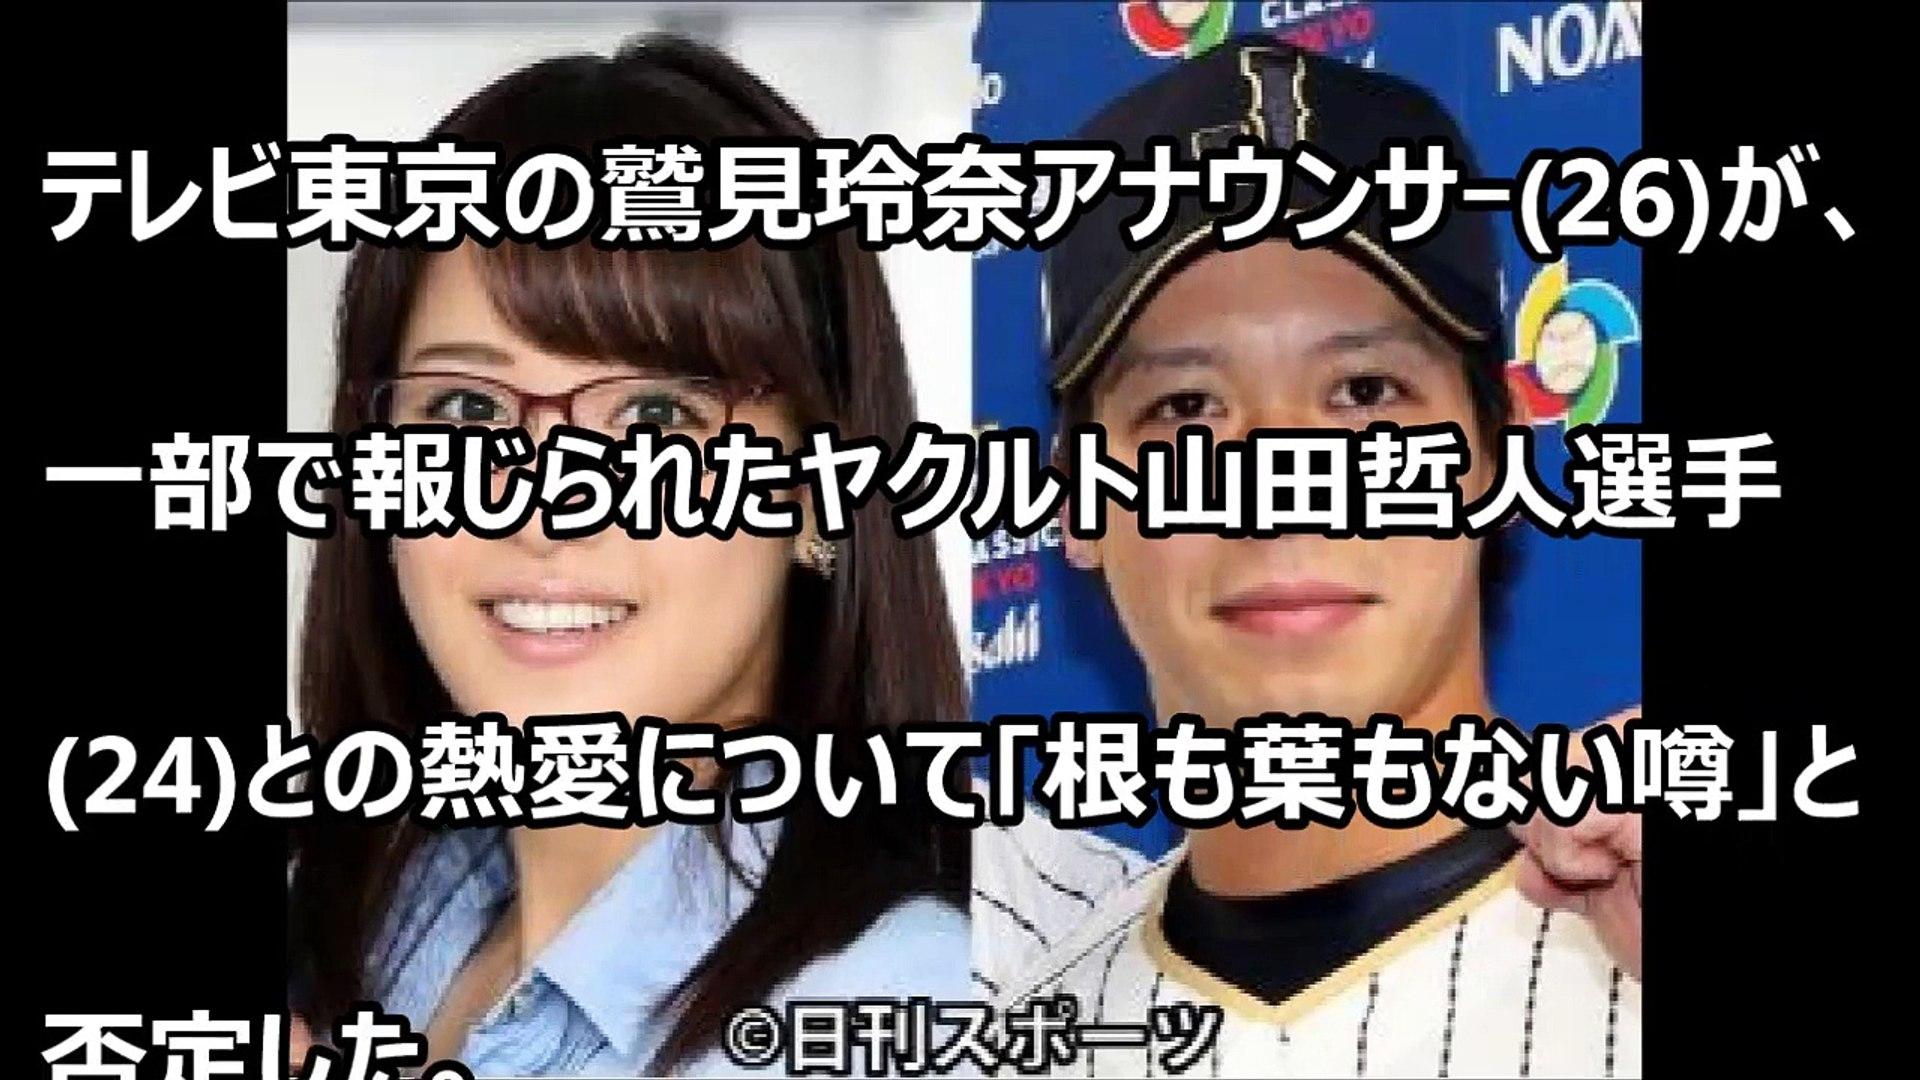 哲人 熱愛 山田